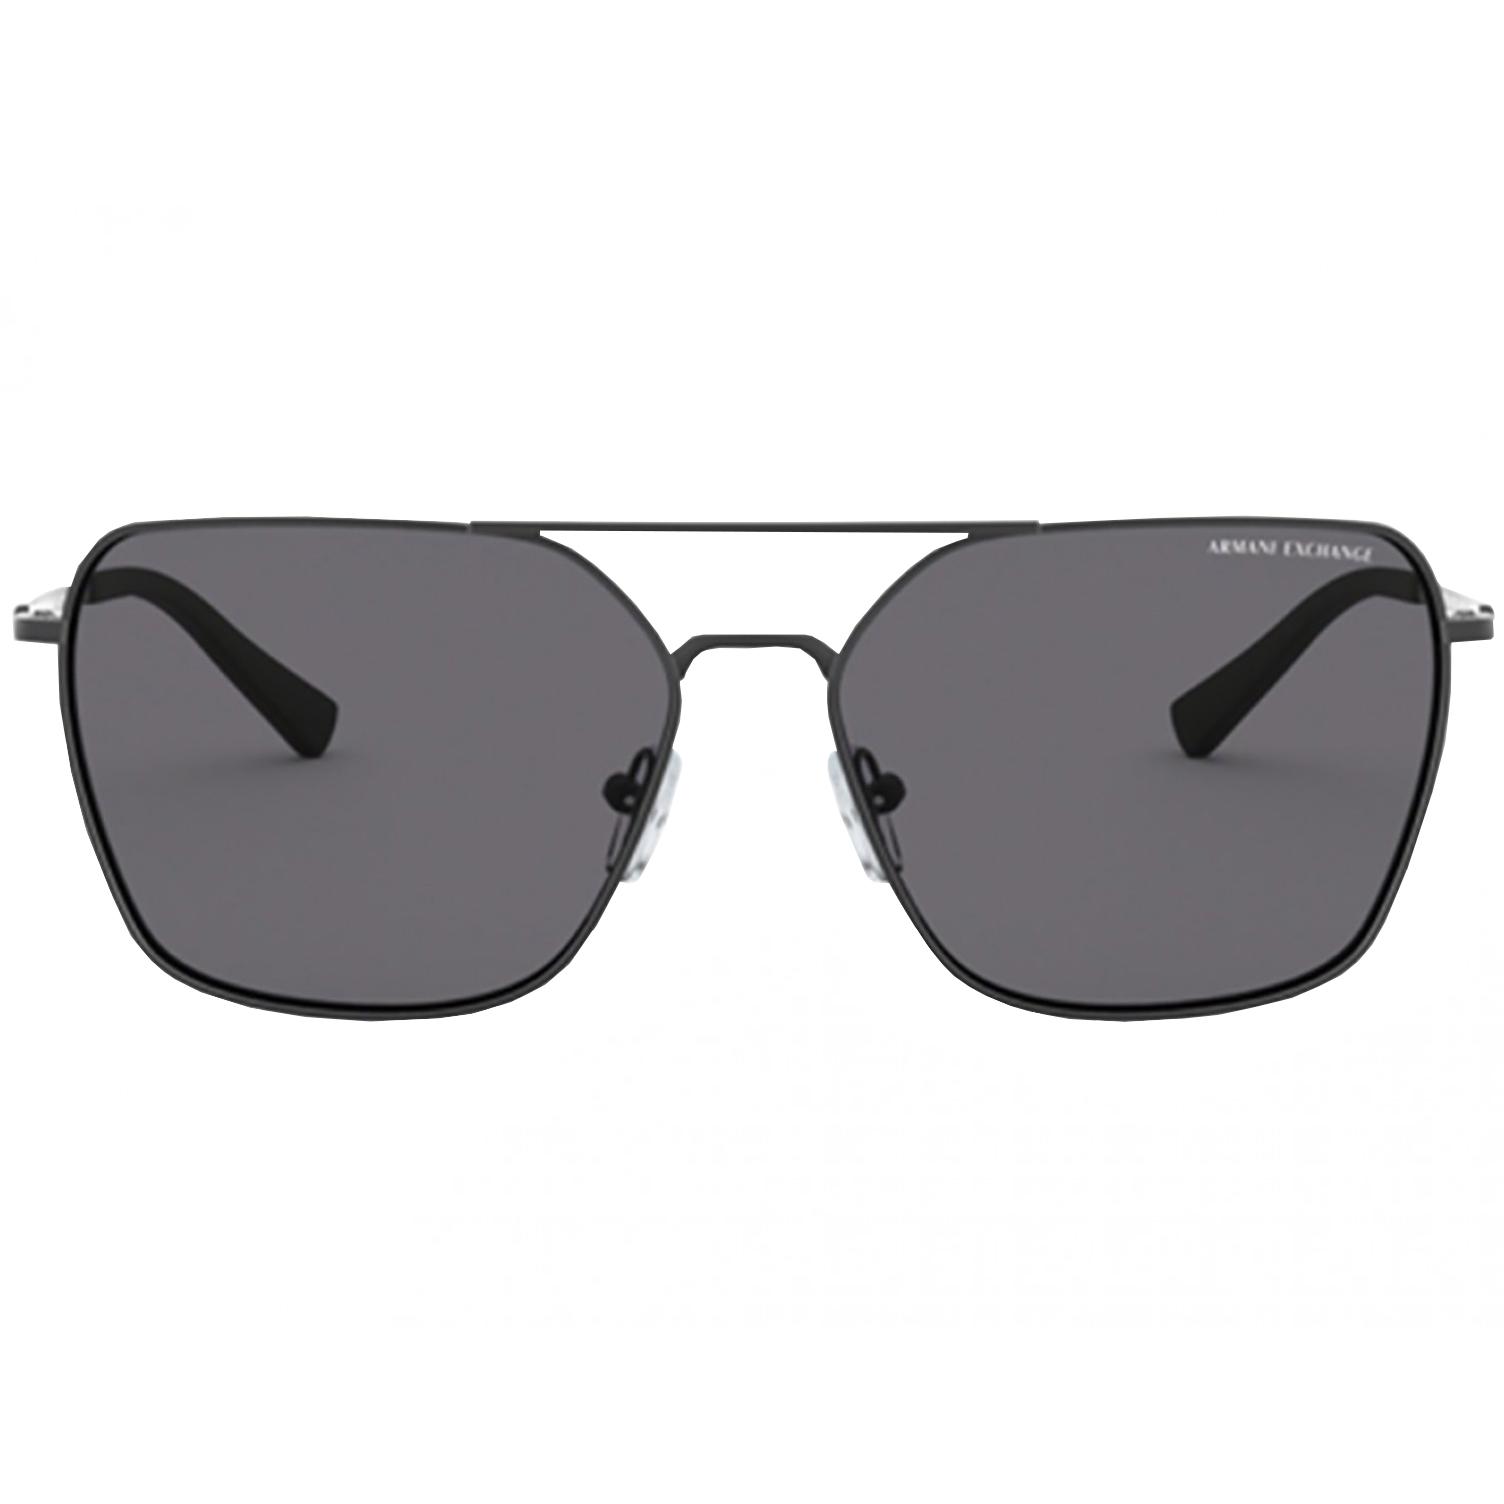 عینک آفتابی مردانه آرمانی اکسچنج مدل 2029s611281